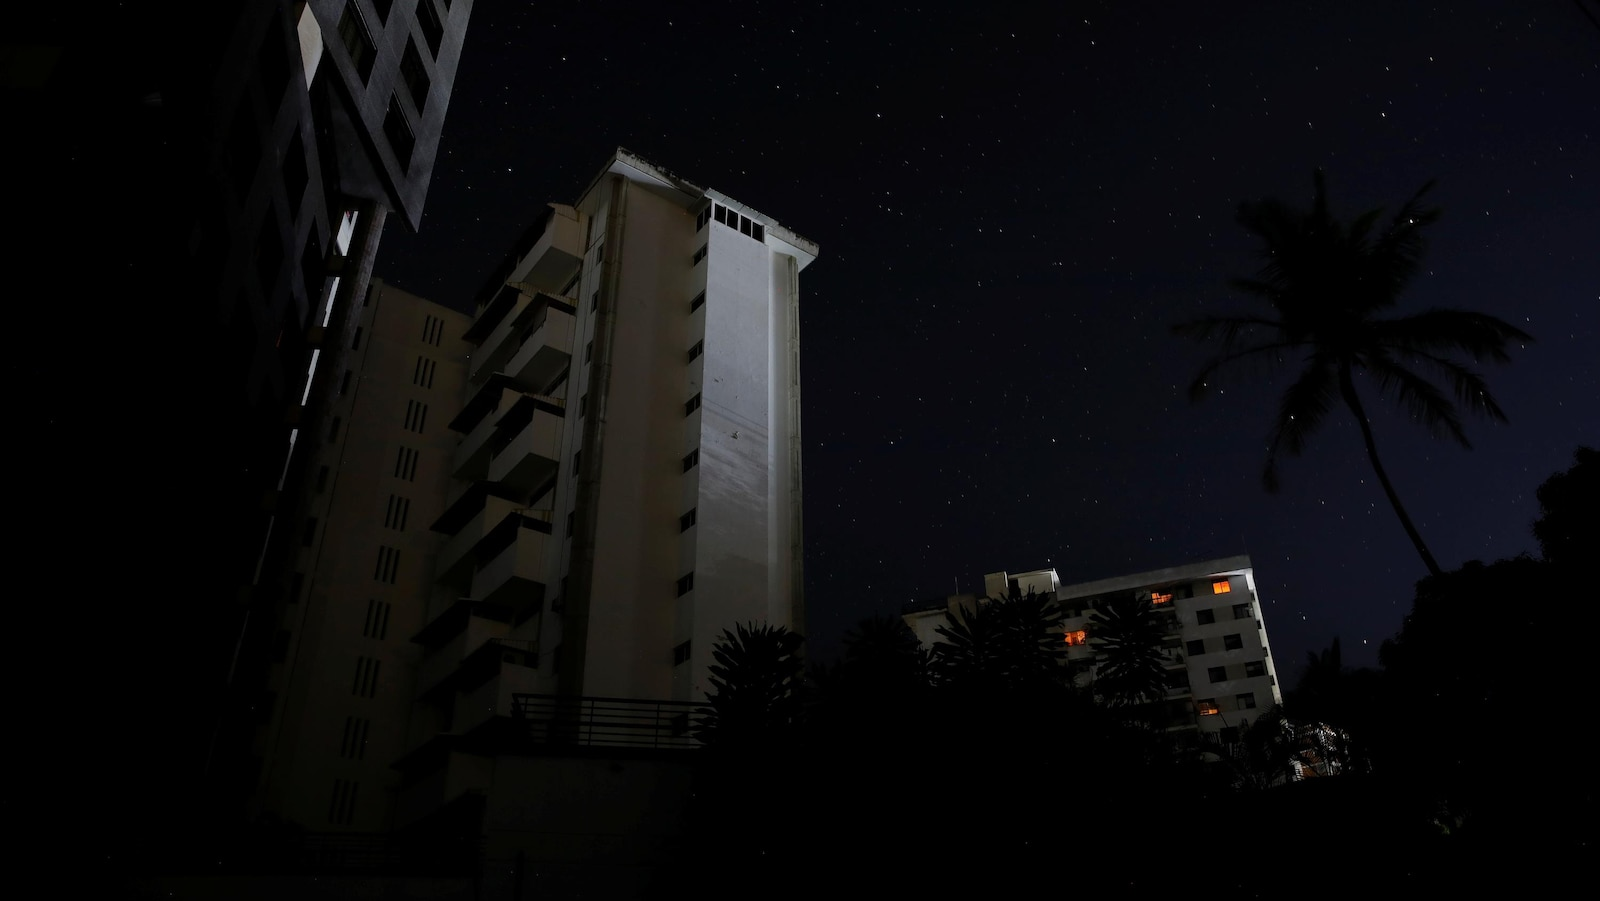 Des immeubles d'habitation sont dans le noir. De faibles lueurs apparaissent à seulement quatre fenêtres.